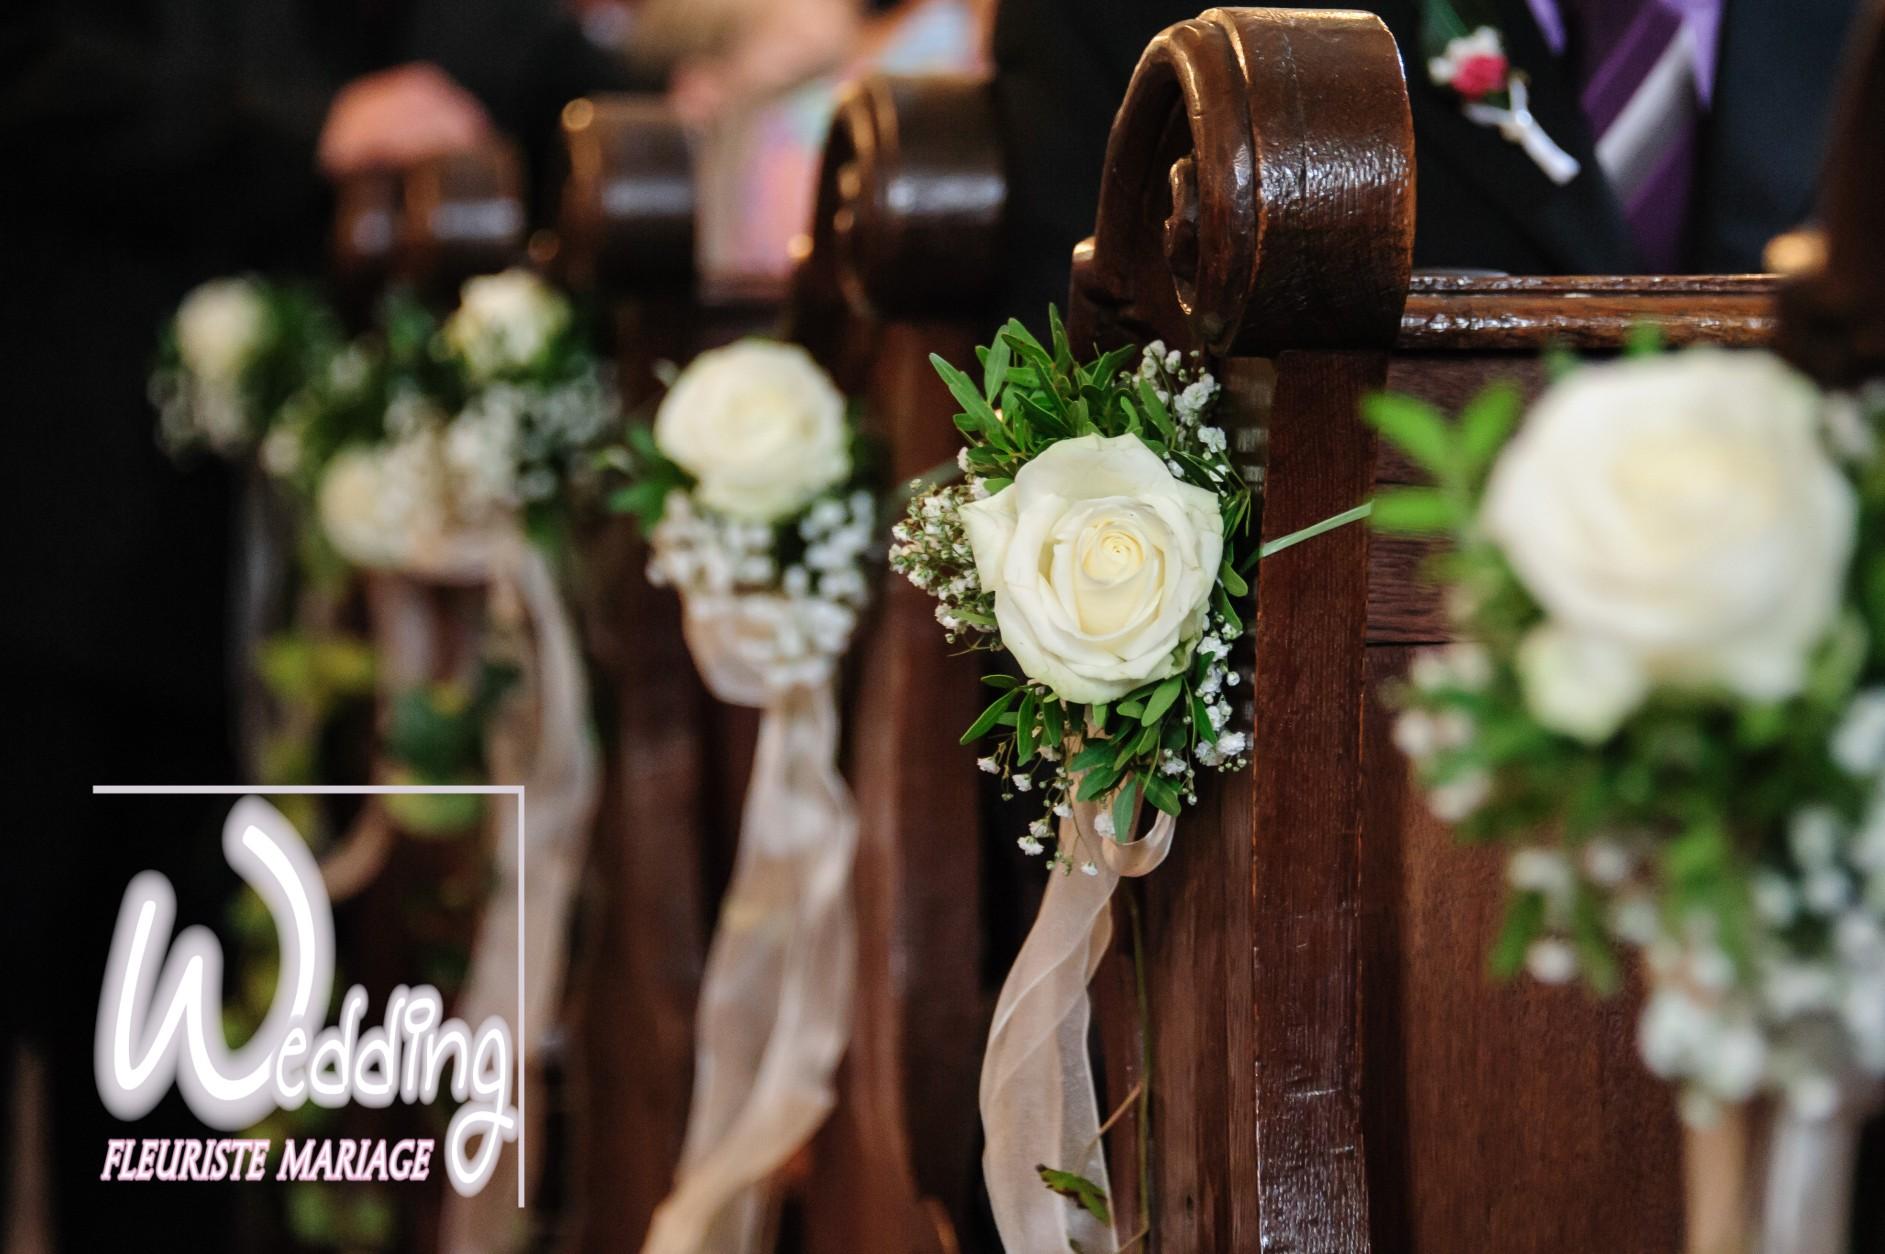 DÉCORATION FLORALE MARIAGE EGLISE DE CARROS - WEDDING FLEURISTE MARIAGE CARROS